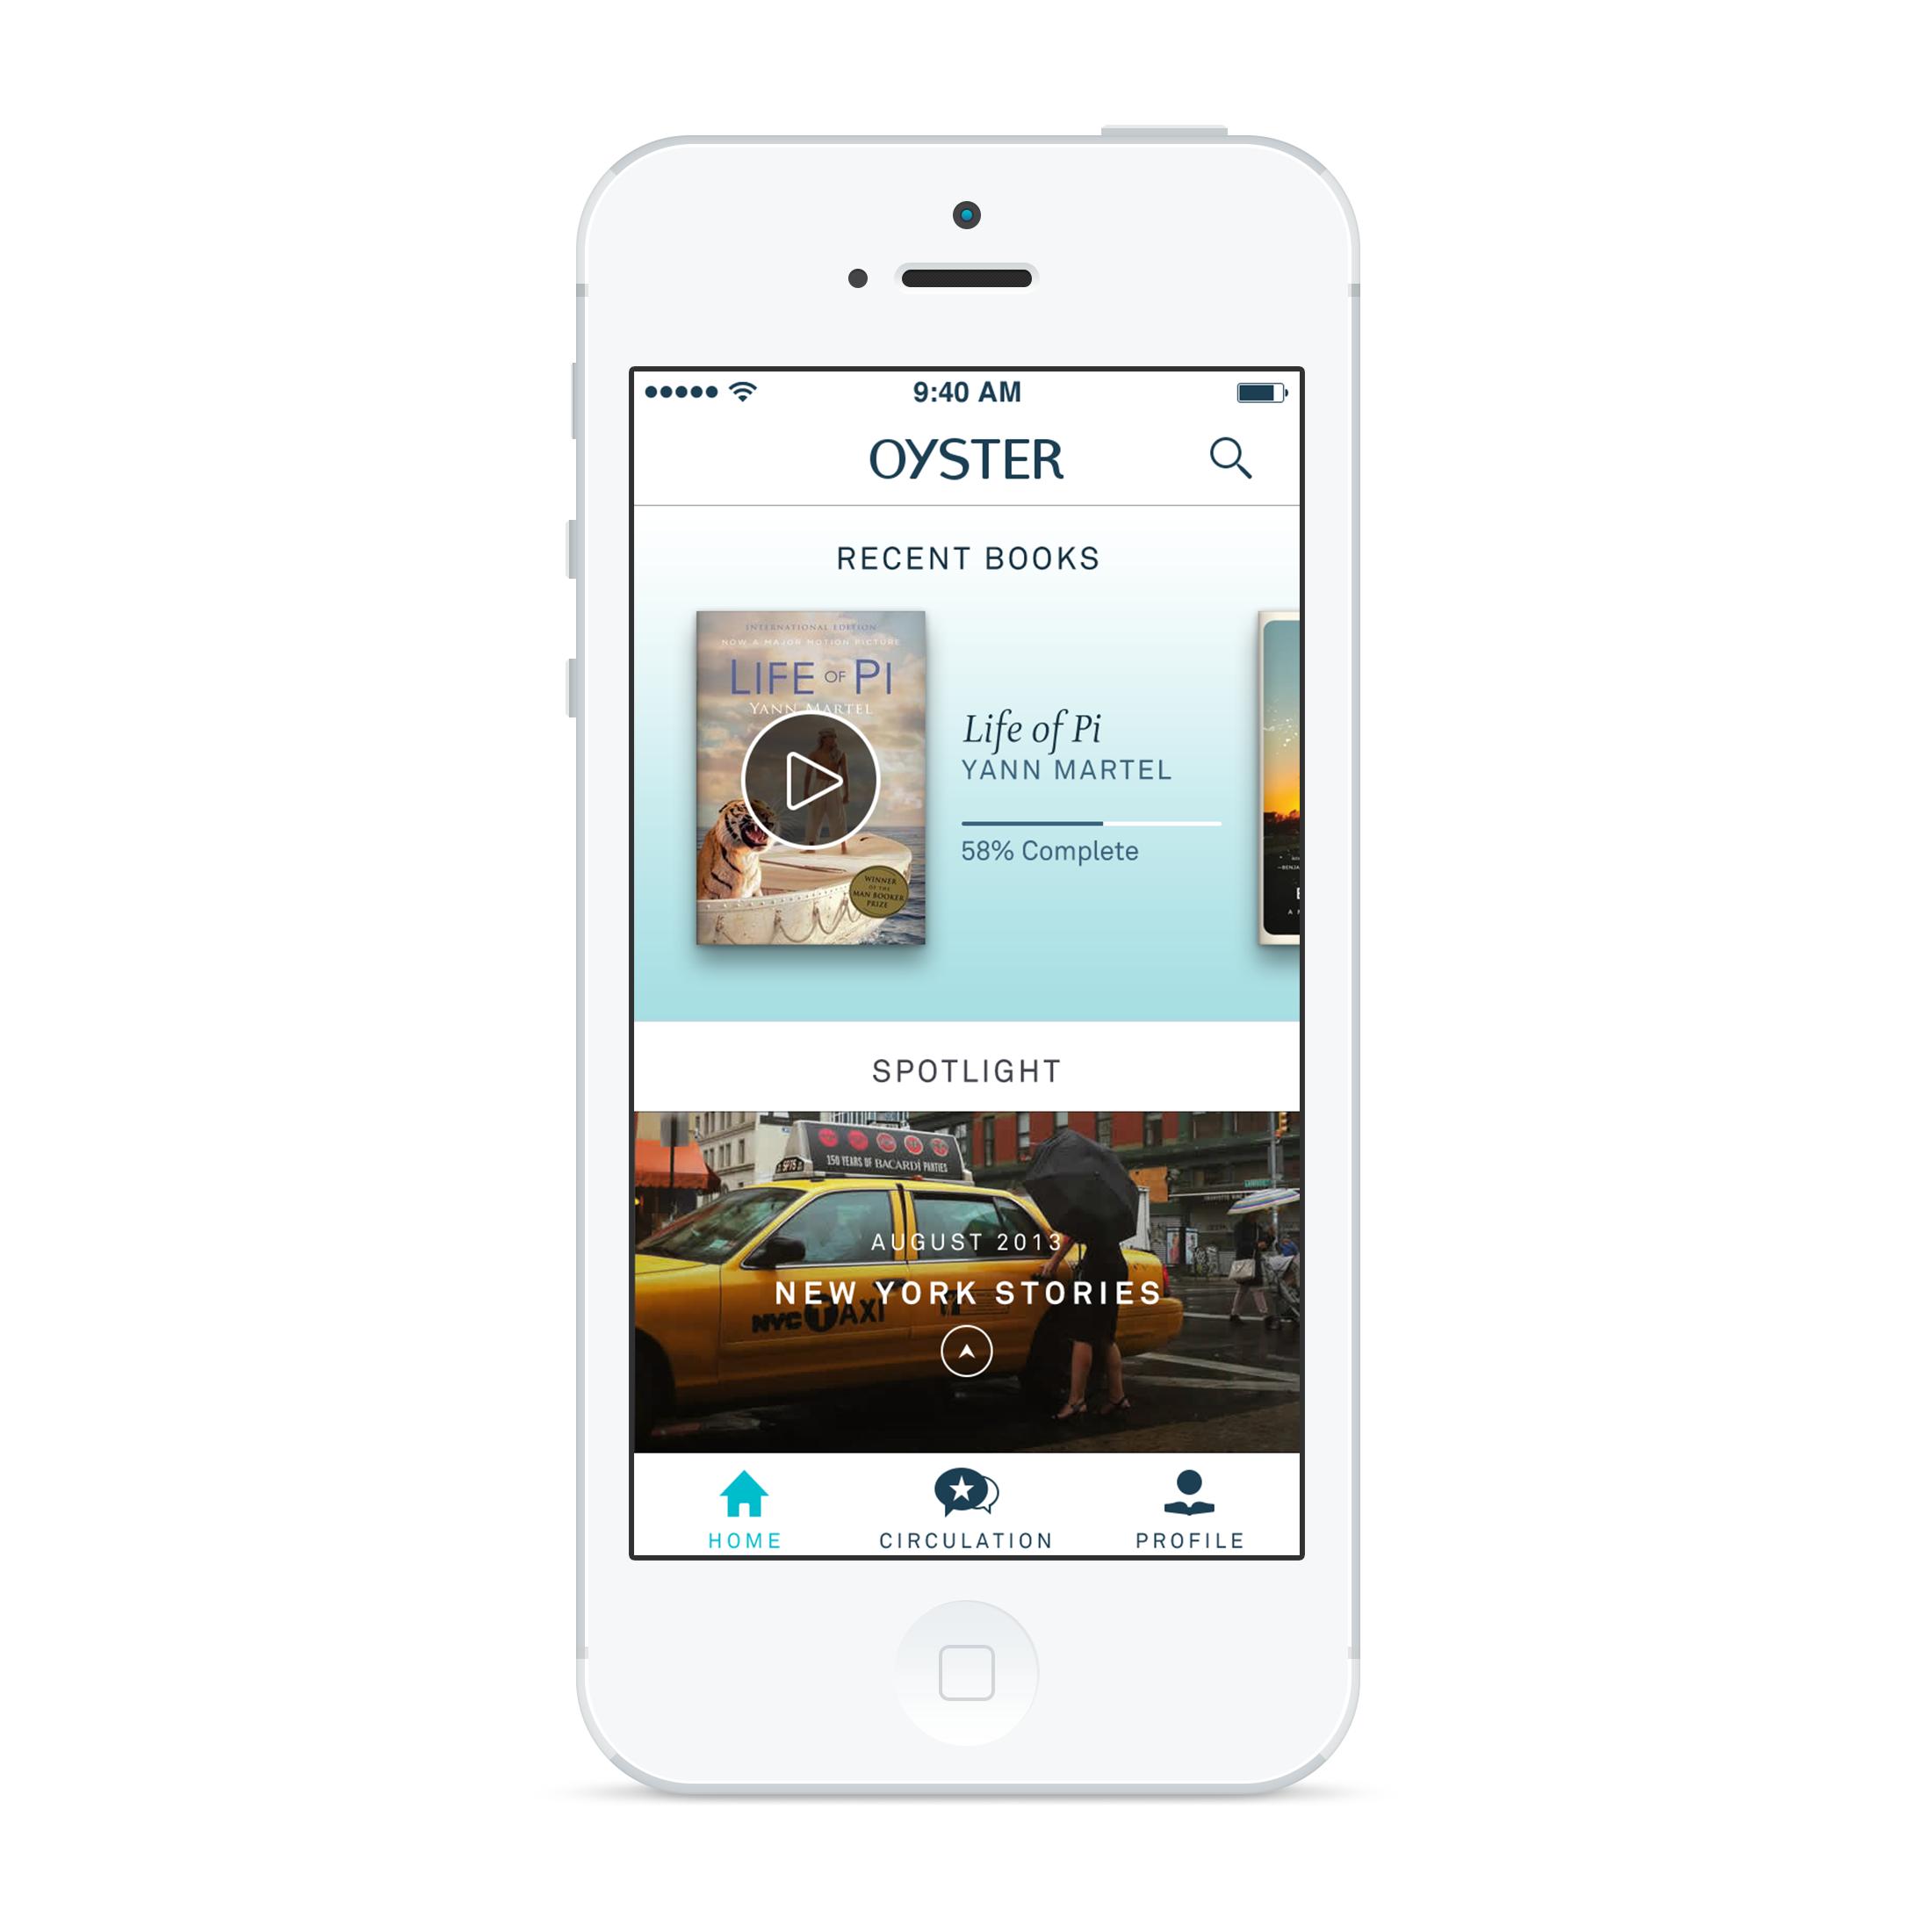 Oyster App - BookPromotion.com